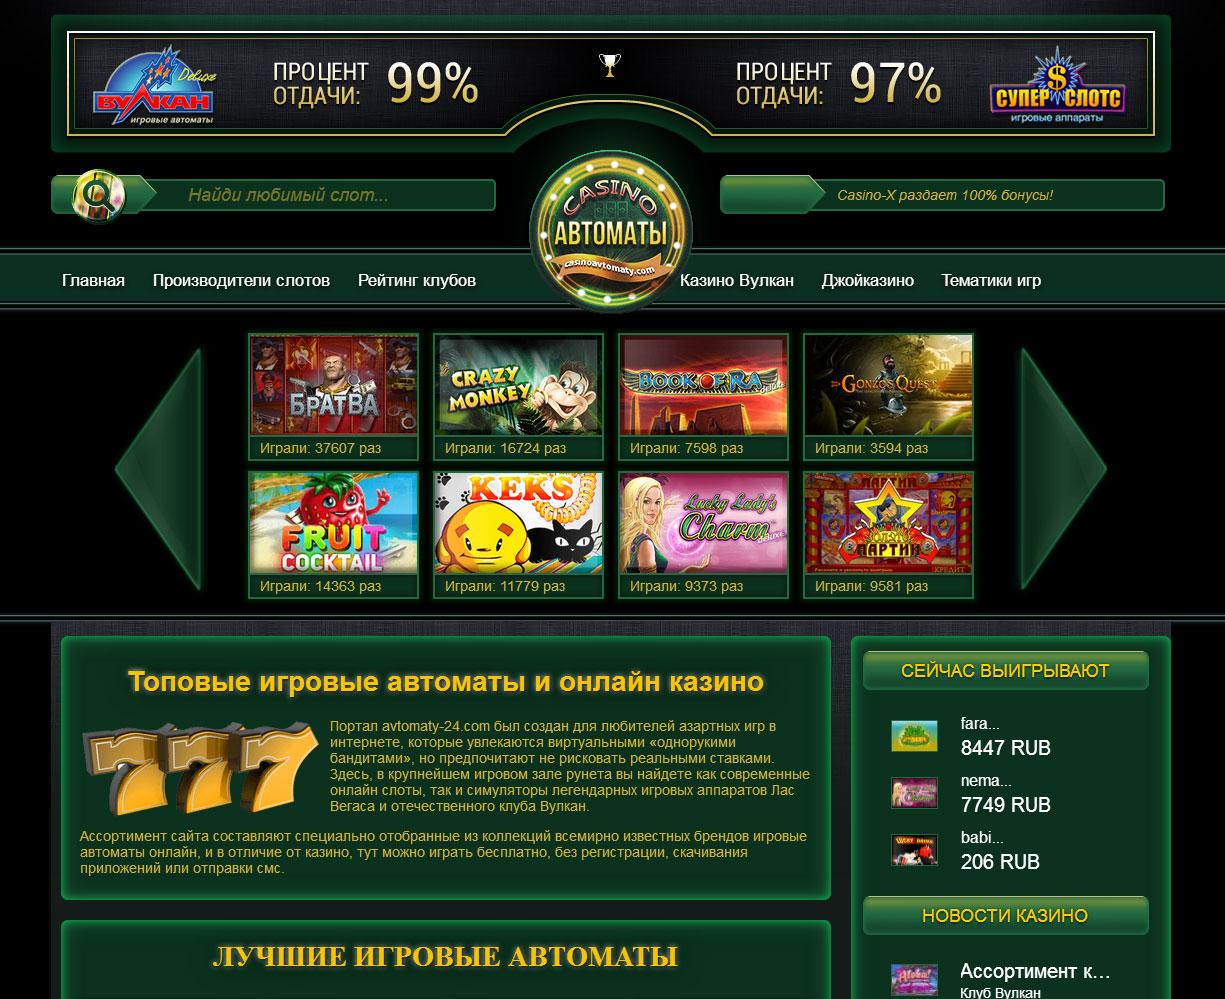 Получайте постоянные космические прибыли в игровые автоматы казино Адмирал